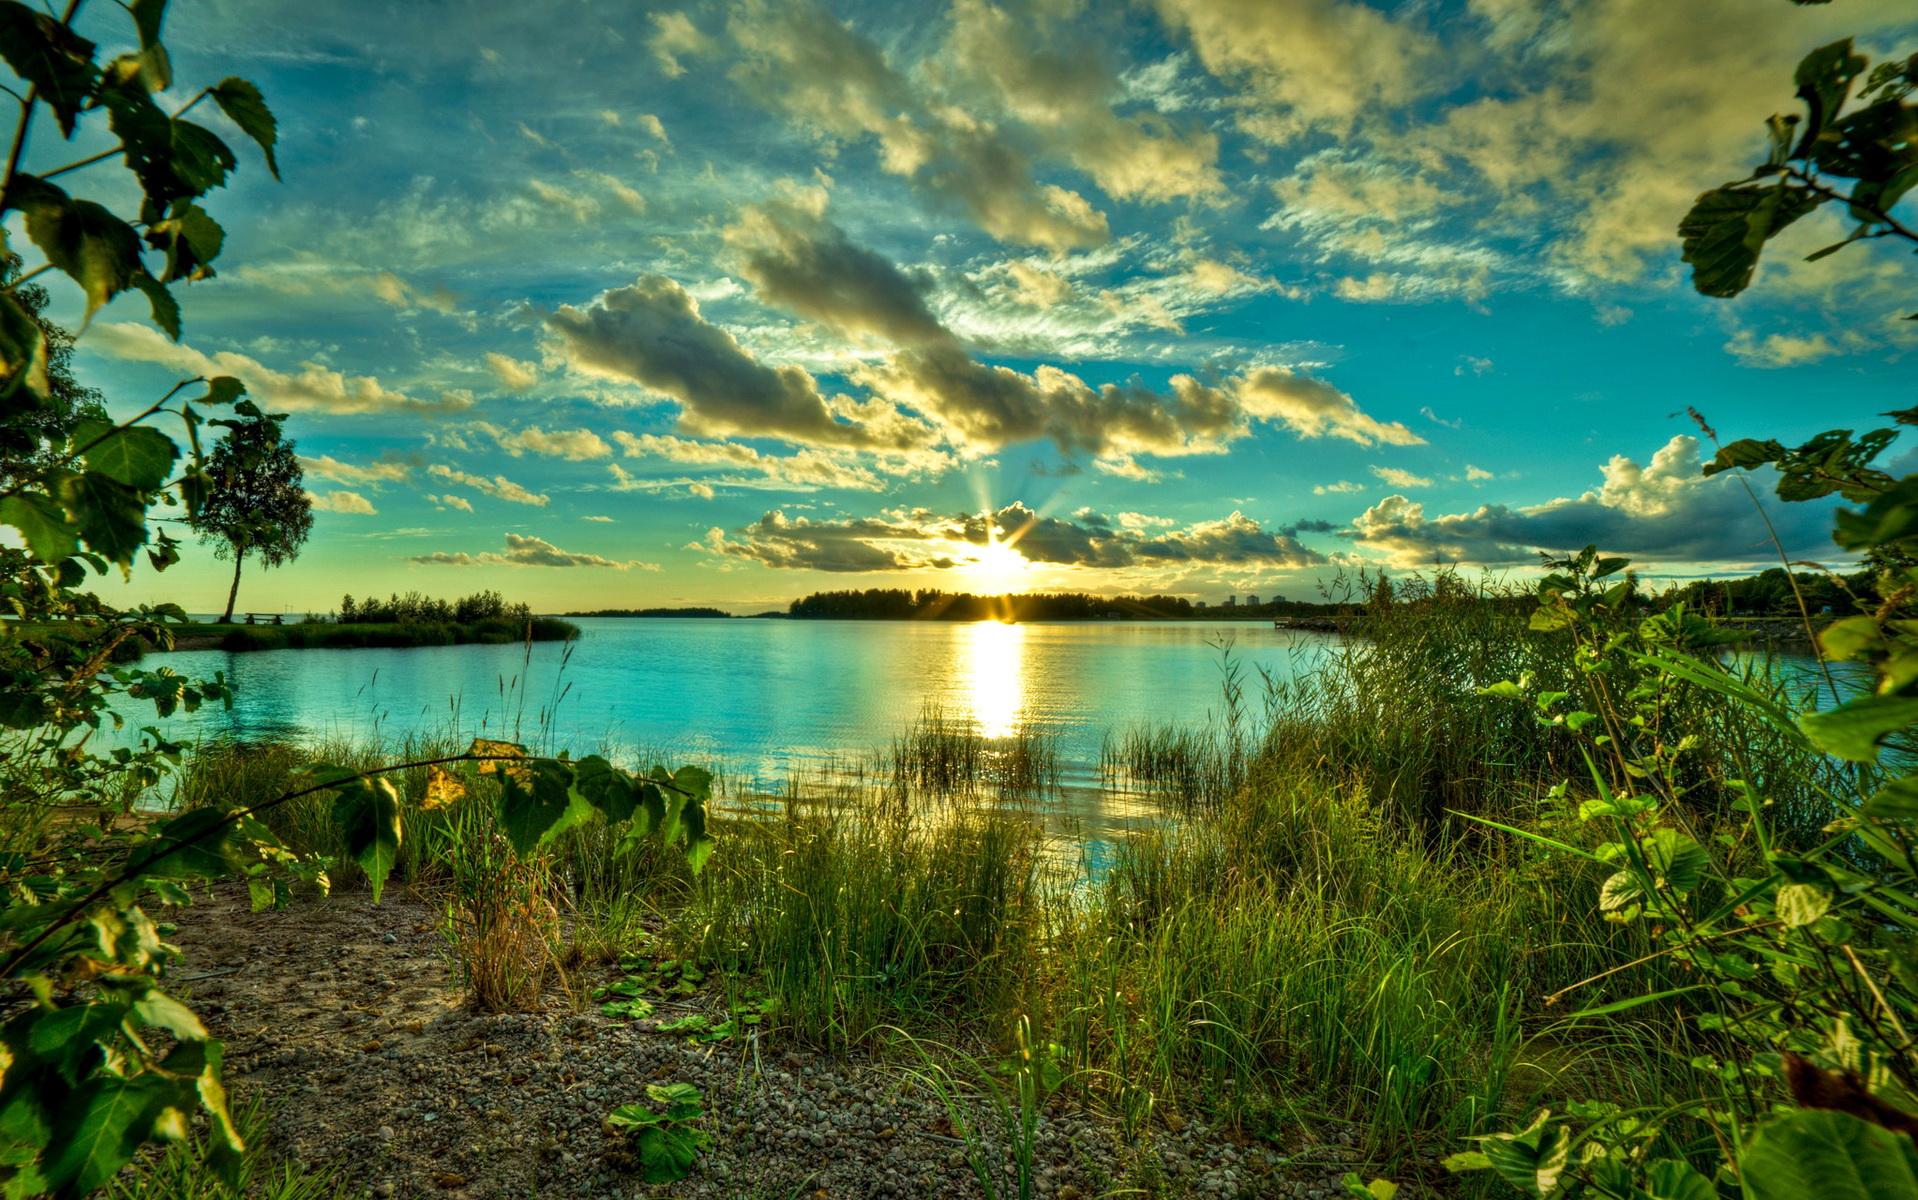 Обои река восход солнца на рабочий стол в хорошем качестве